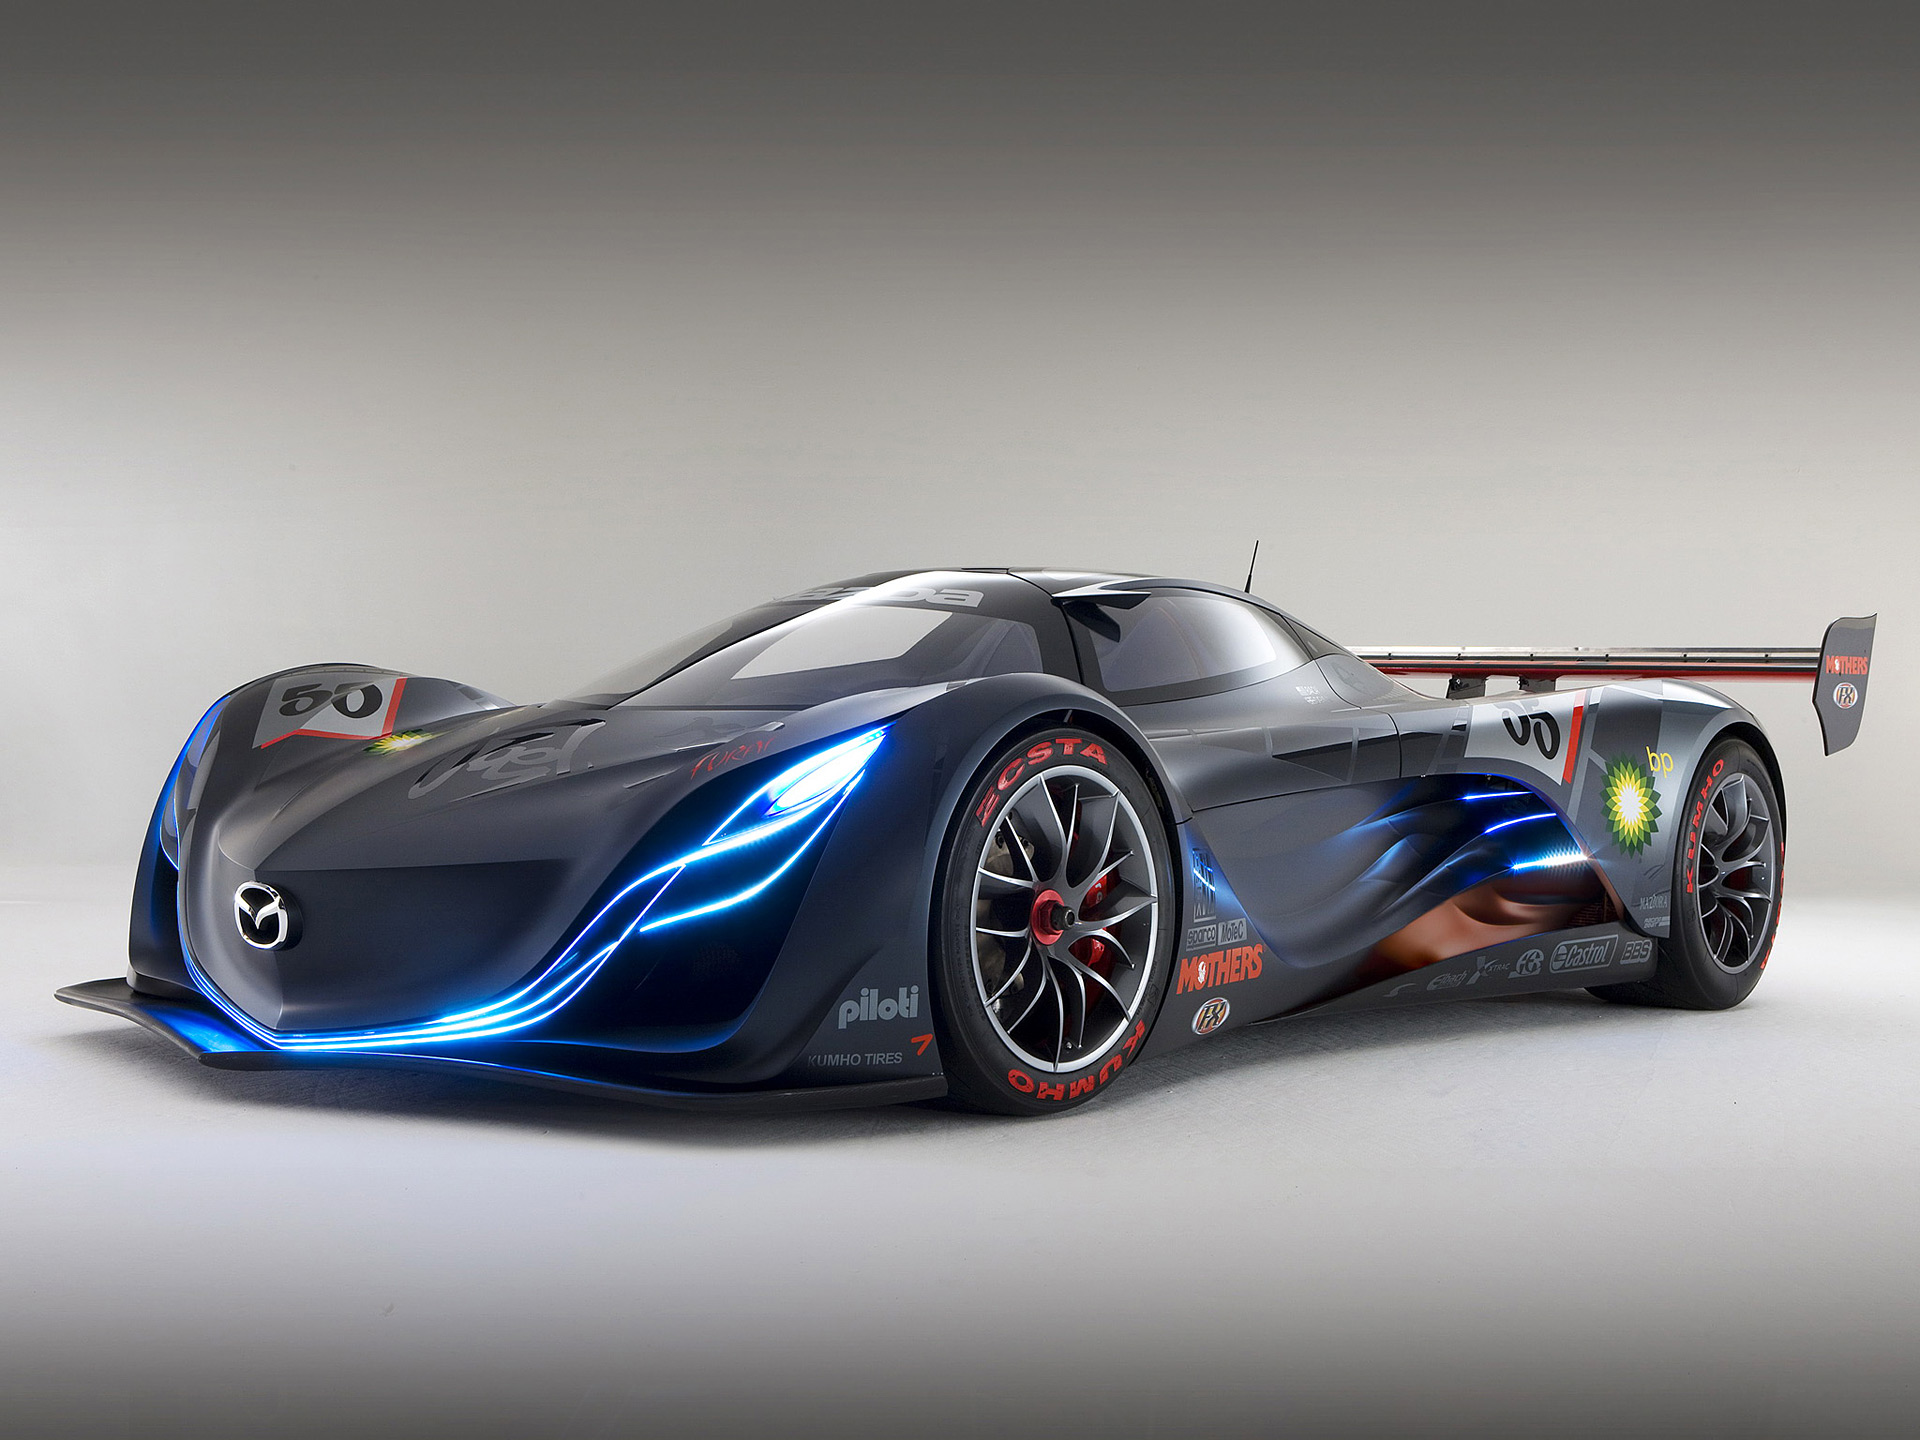 The Mazda Furai Concept